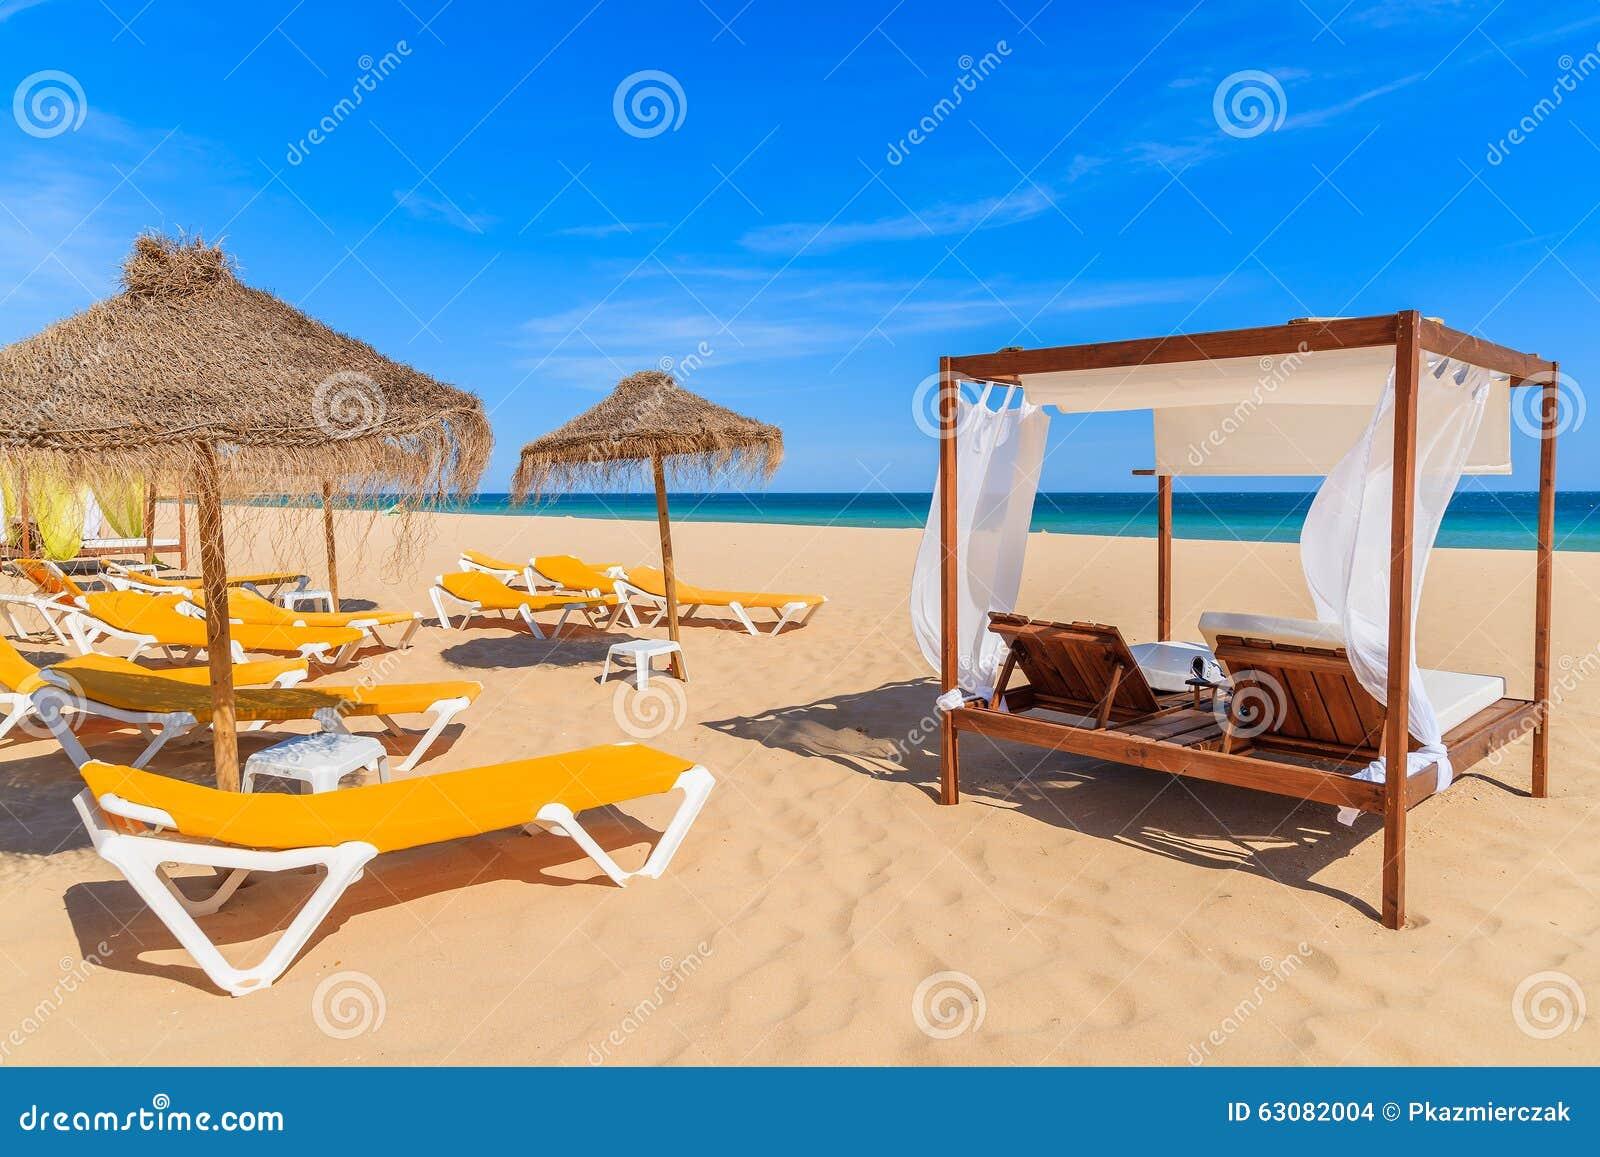 Download Sunbeds Sur La Plage Sablonneuse Photo stock - Image du sable, parasol: 63082004